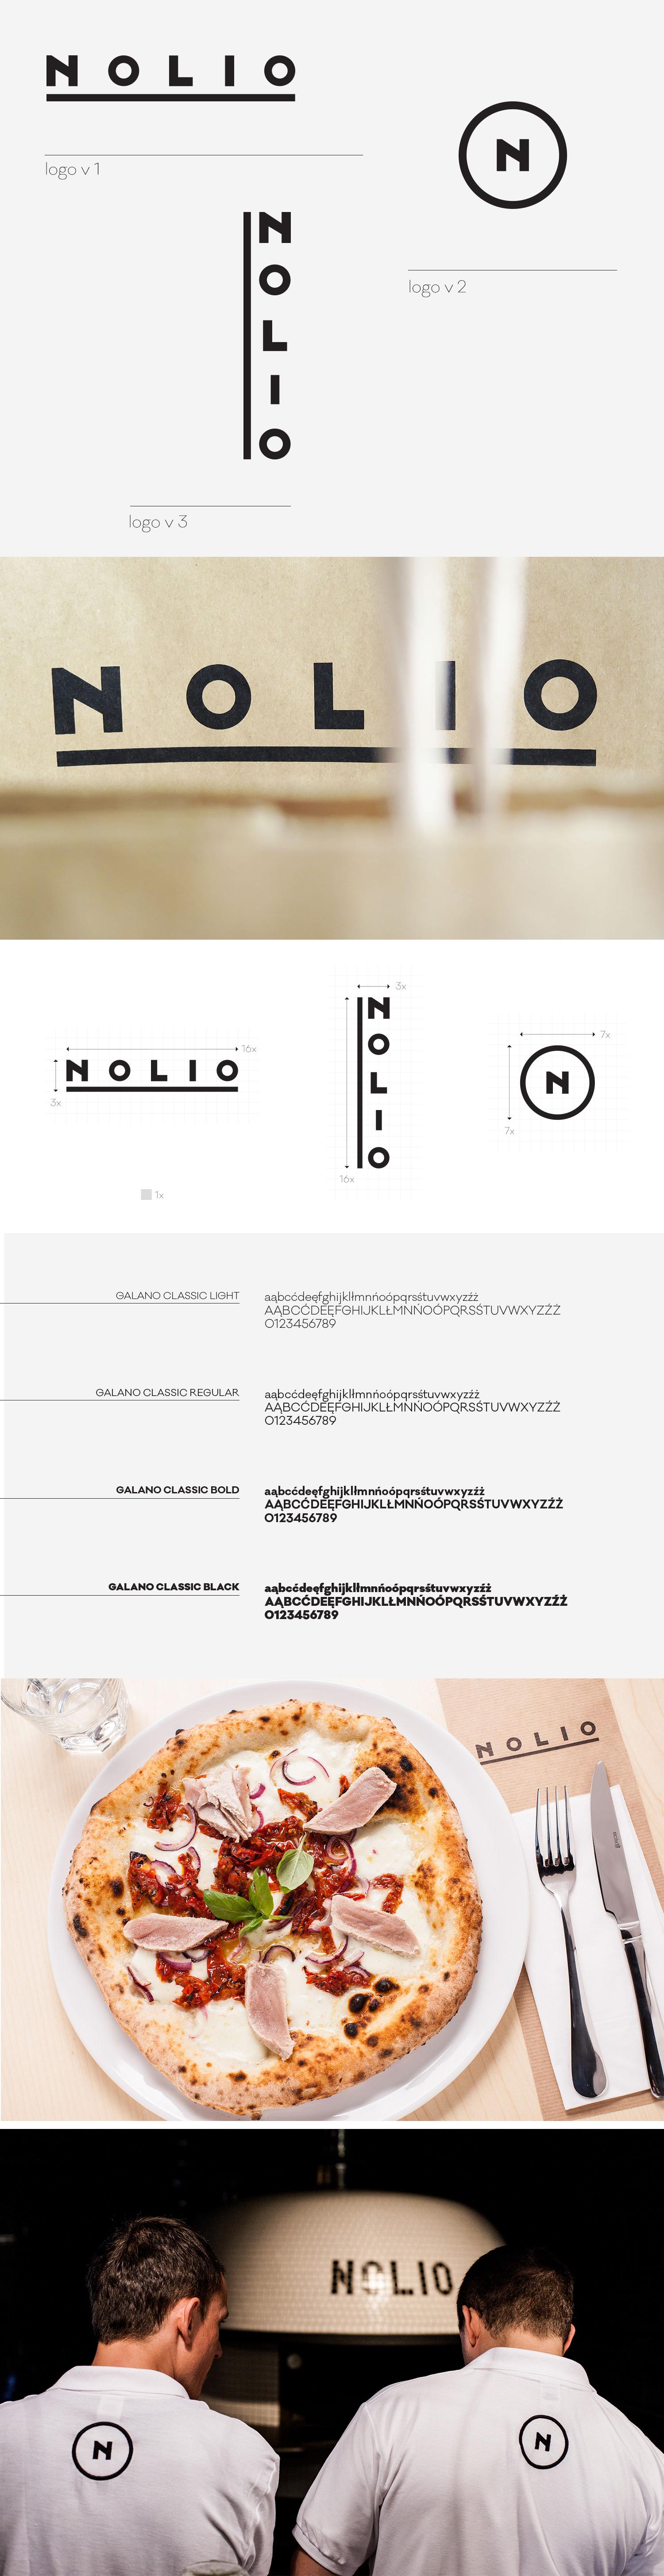 nina-gregier-identyfikacja-wizualna-restauracji-nolio